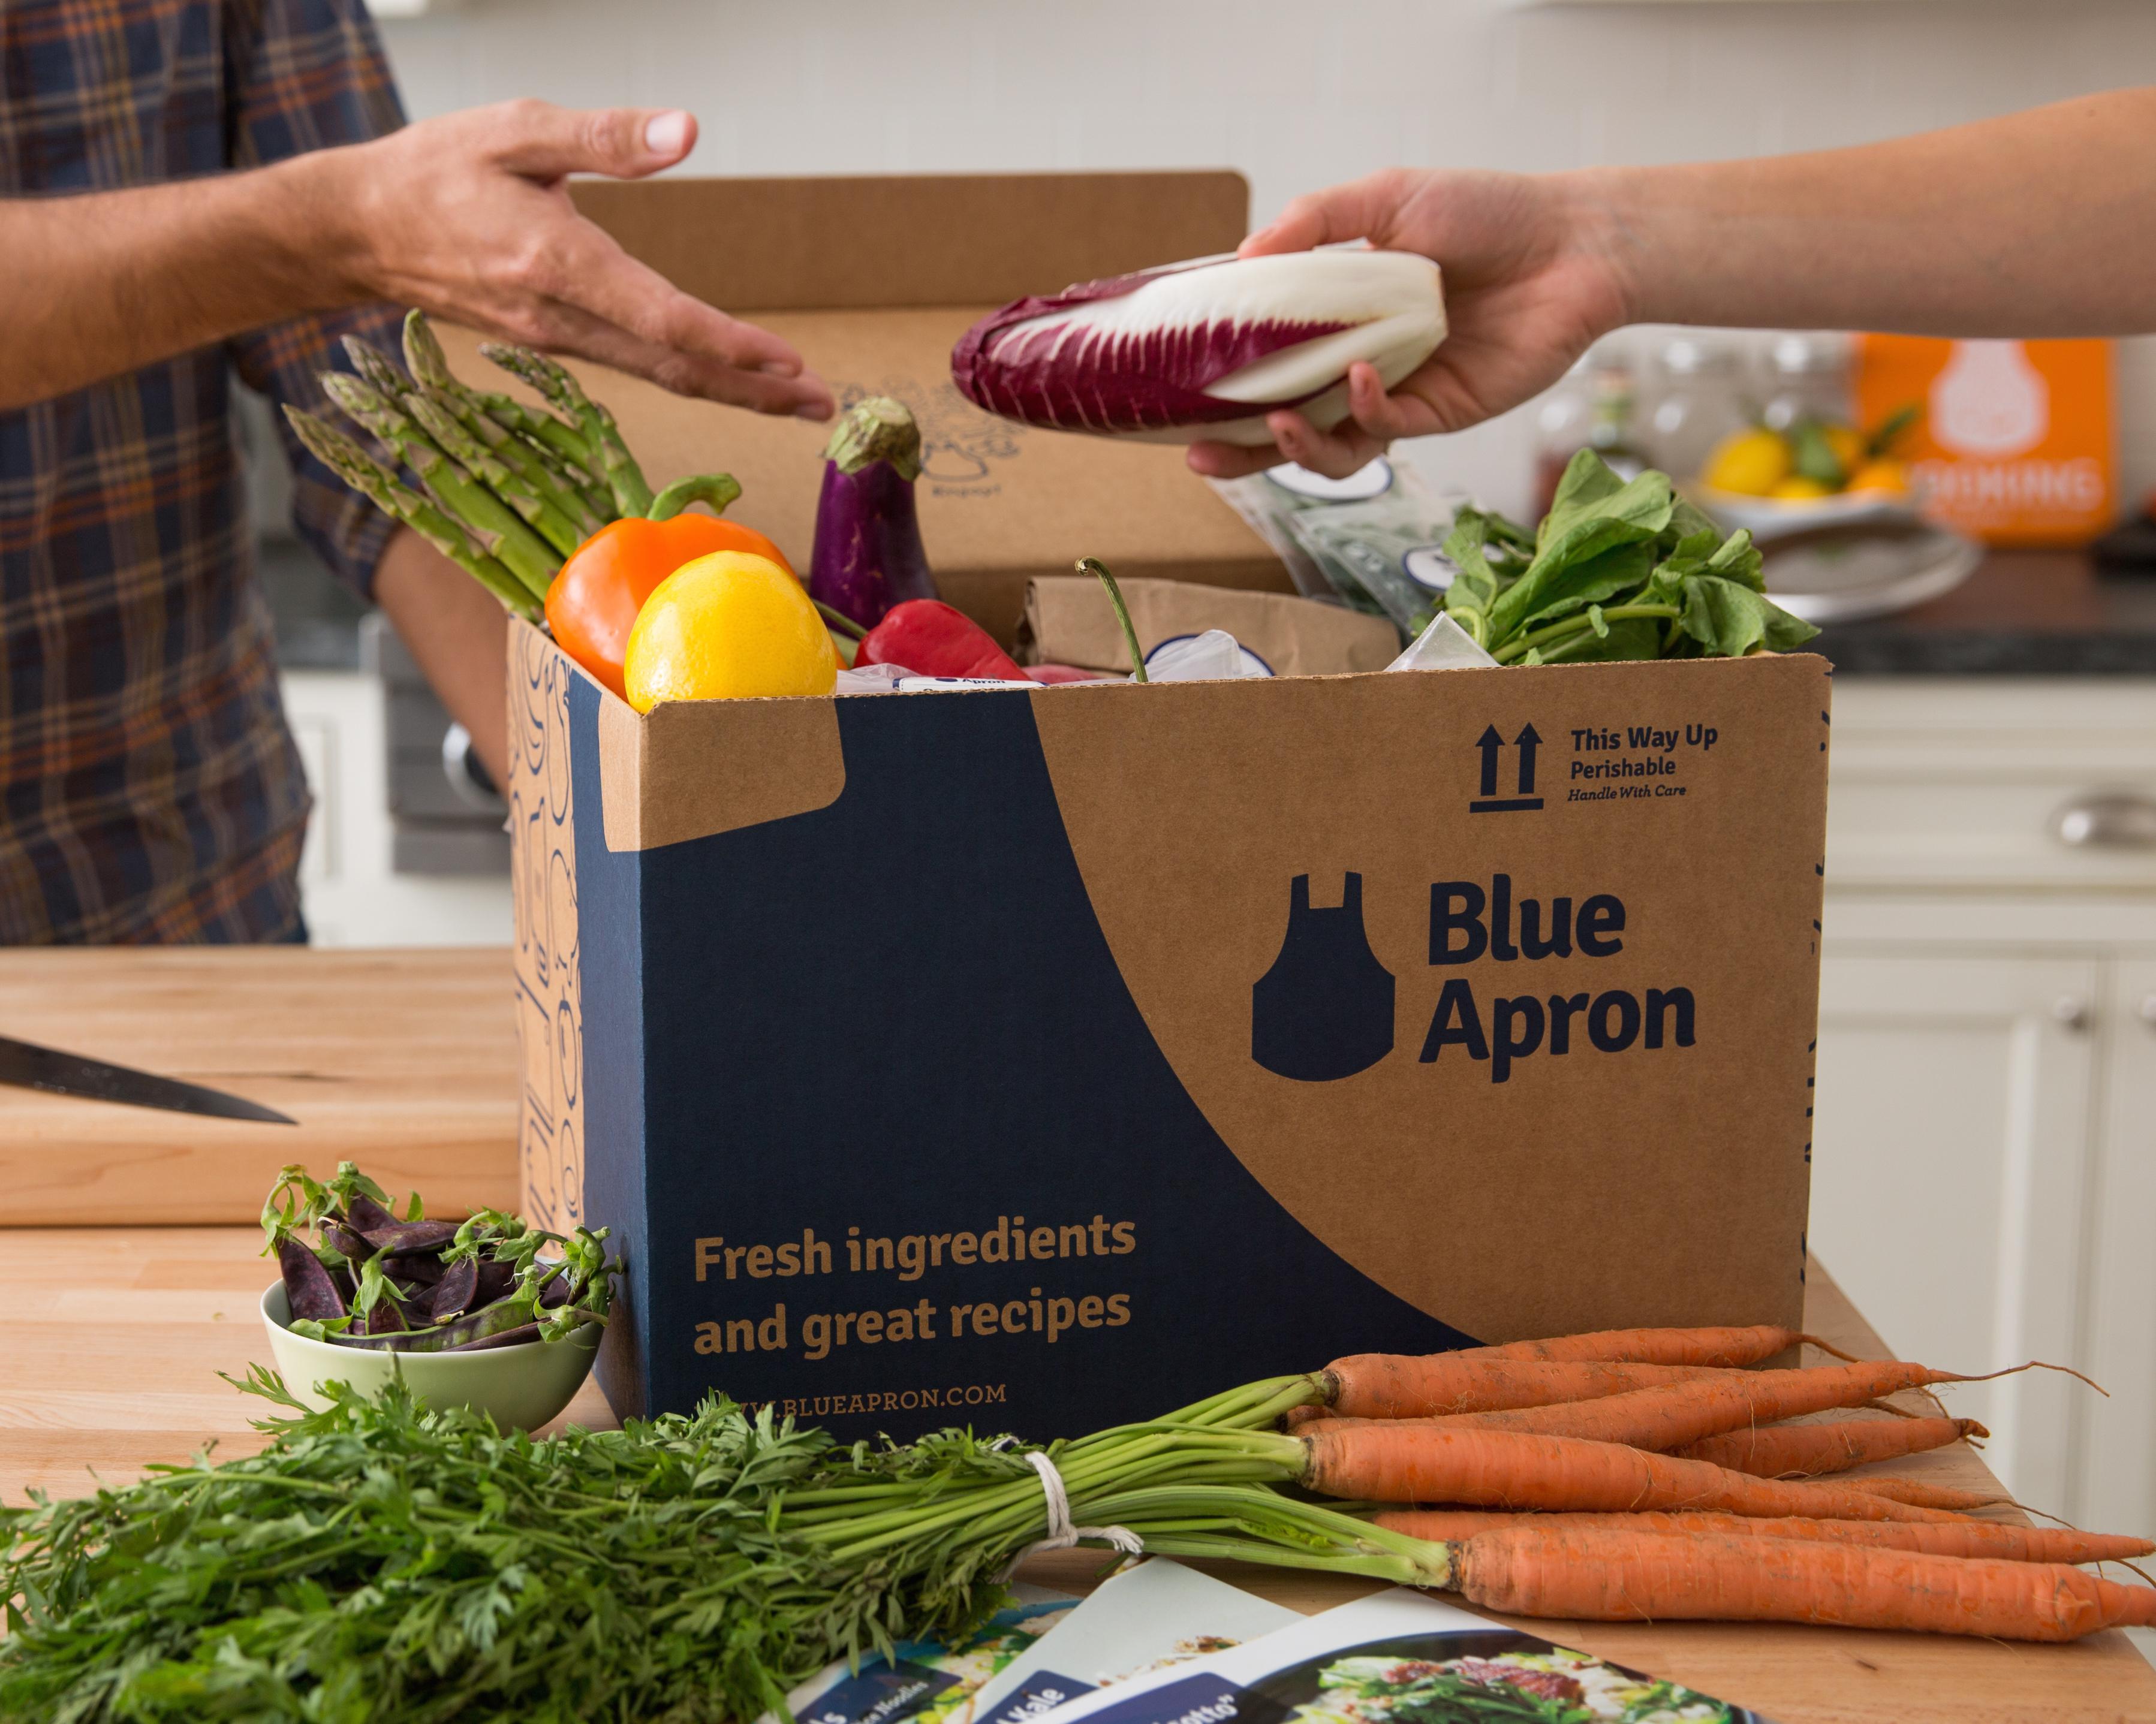 Blue apron quick pickles - Blue Apron Quick Pickles 46